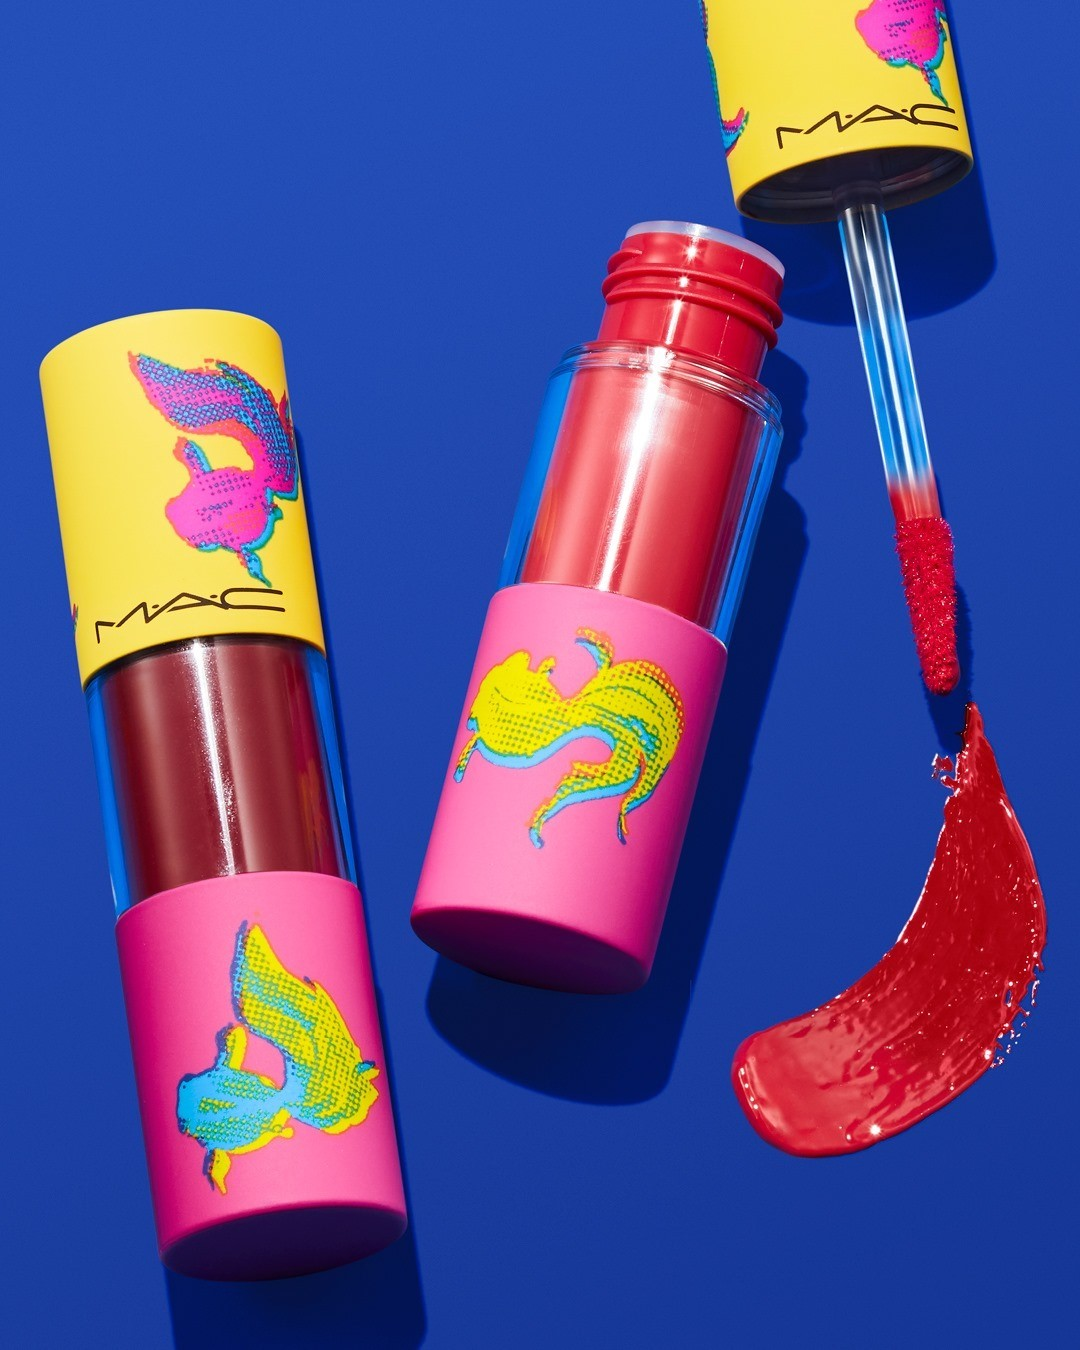 MAC ra mắt bộ sưu tập mỹ phẩm phong cách Pop Art cho Tết 2021